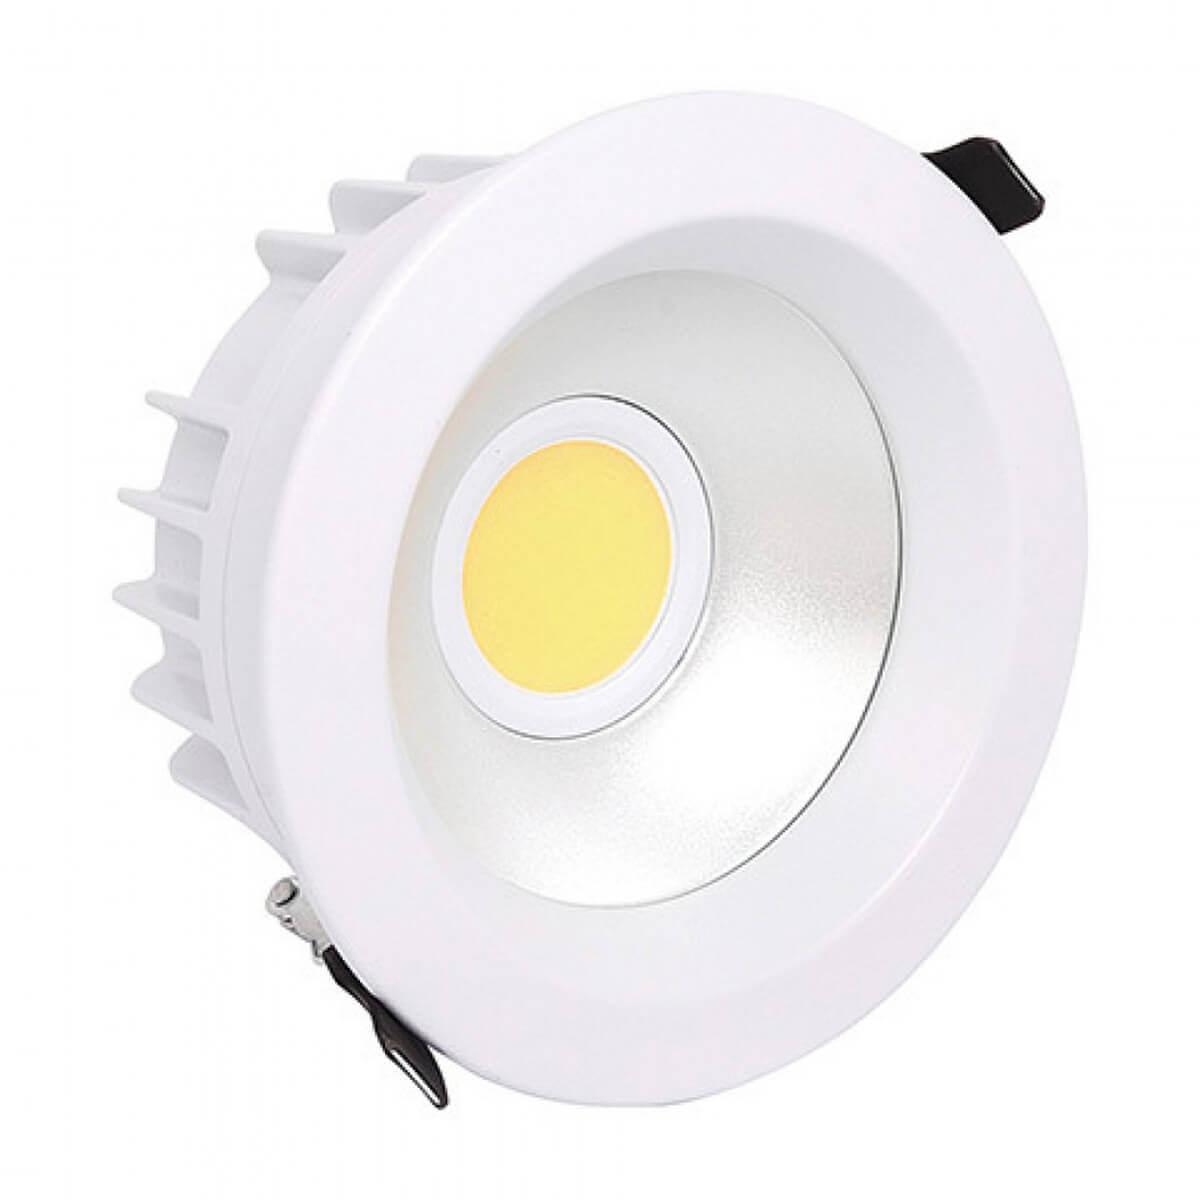 Светильник Horoz 016-019-0008 016-019 светильник italline dl 2633 black